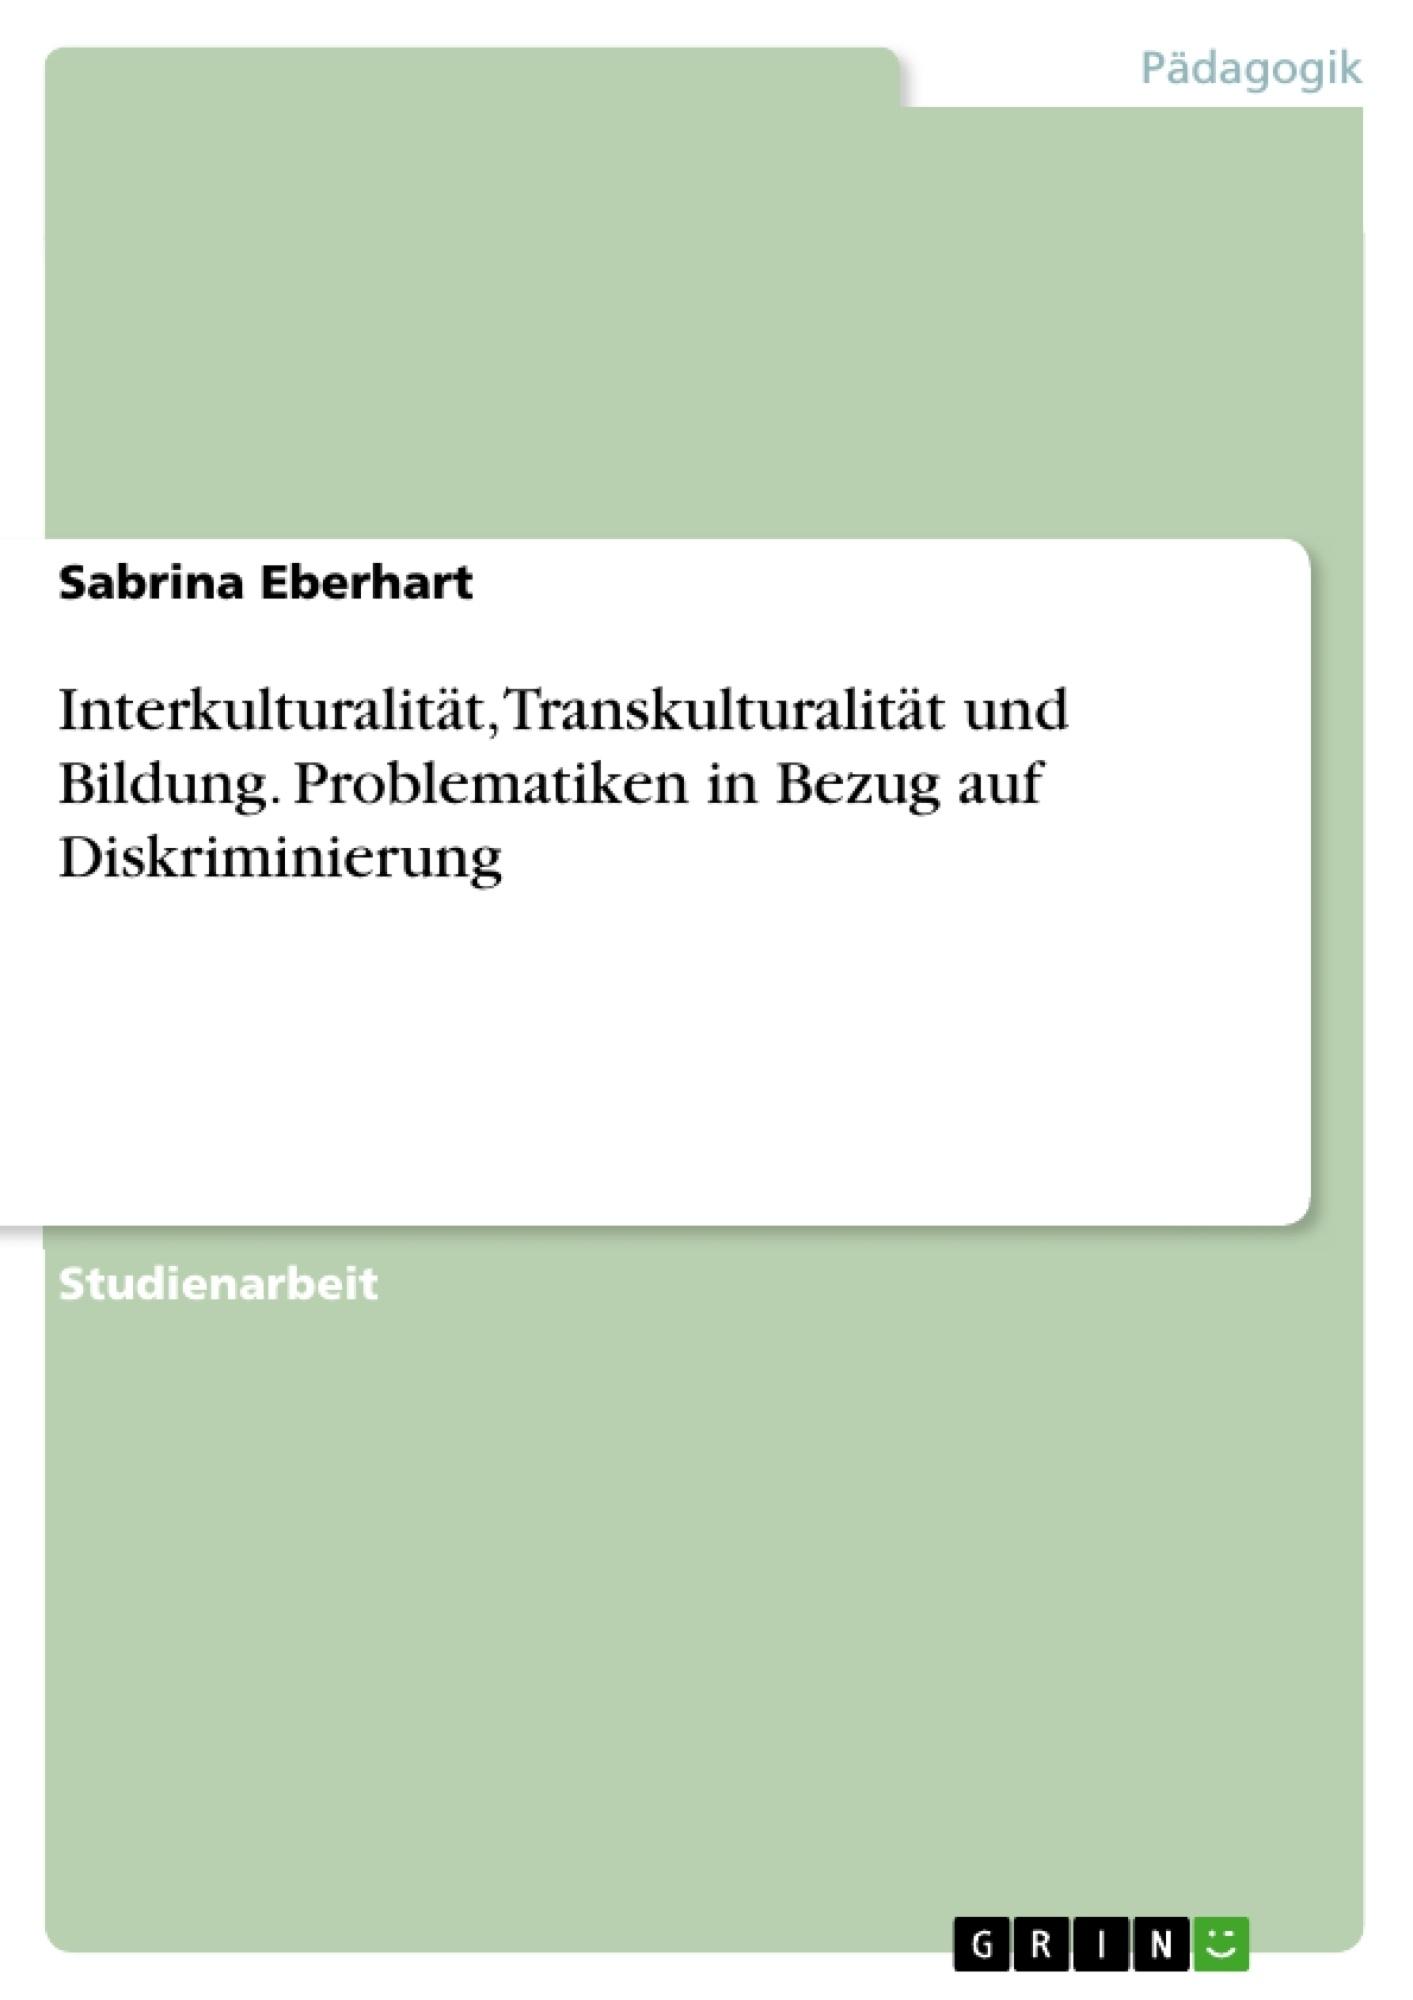 Titel: Interkulturalität, Transkulturalität und Bildung. Problematiken in Bezug auf Diskriminierung